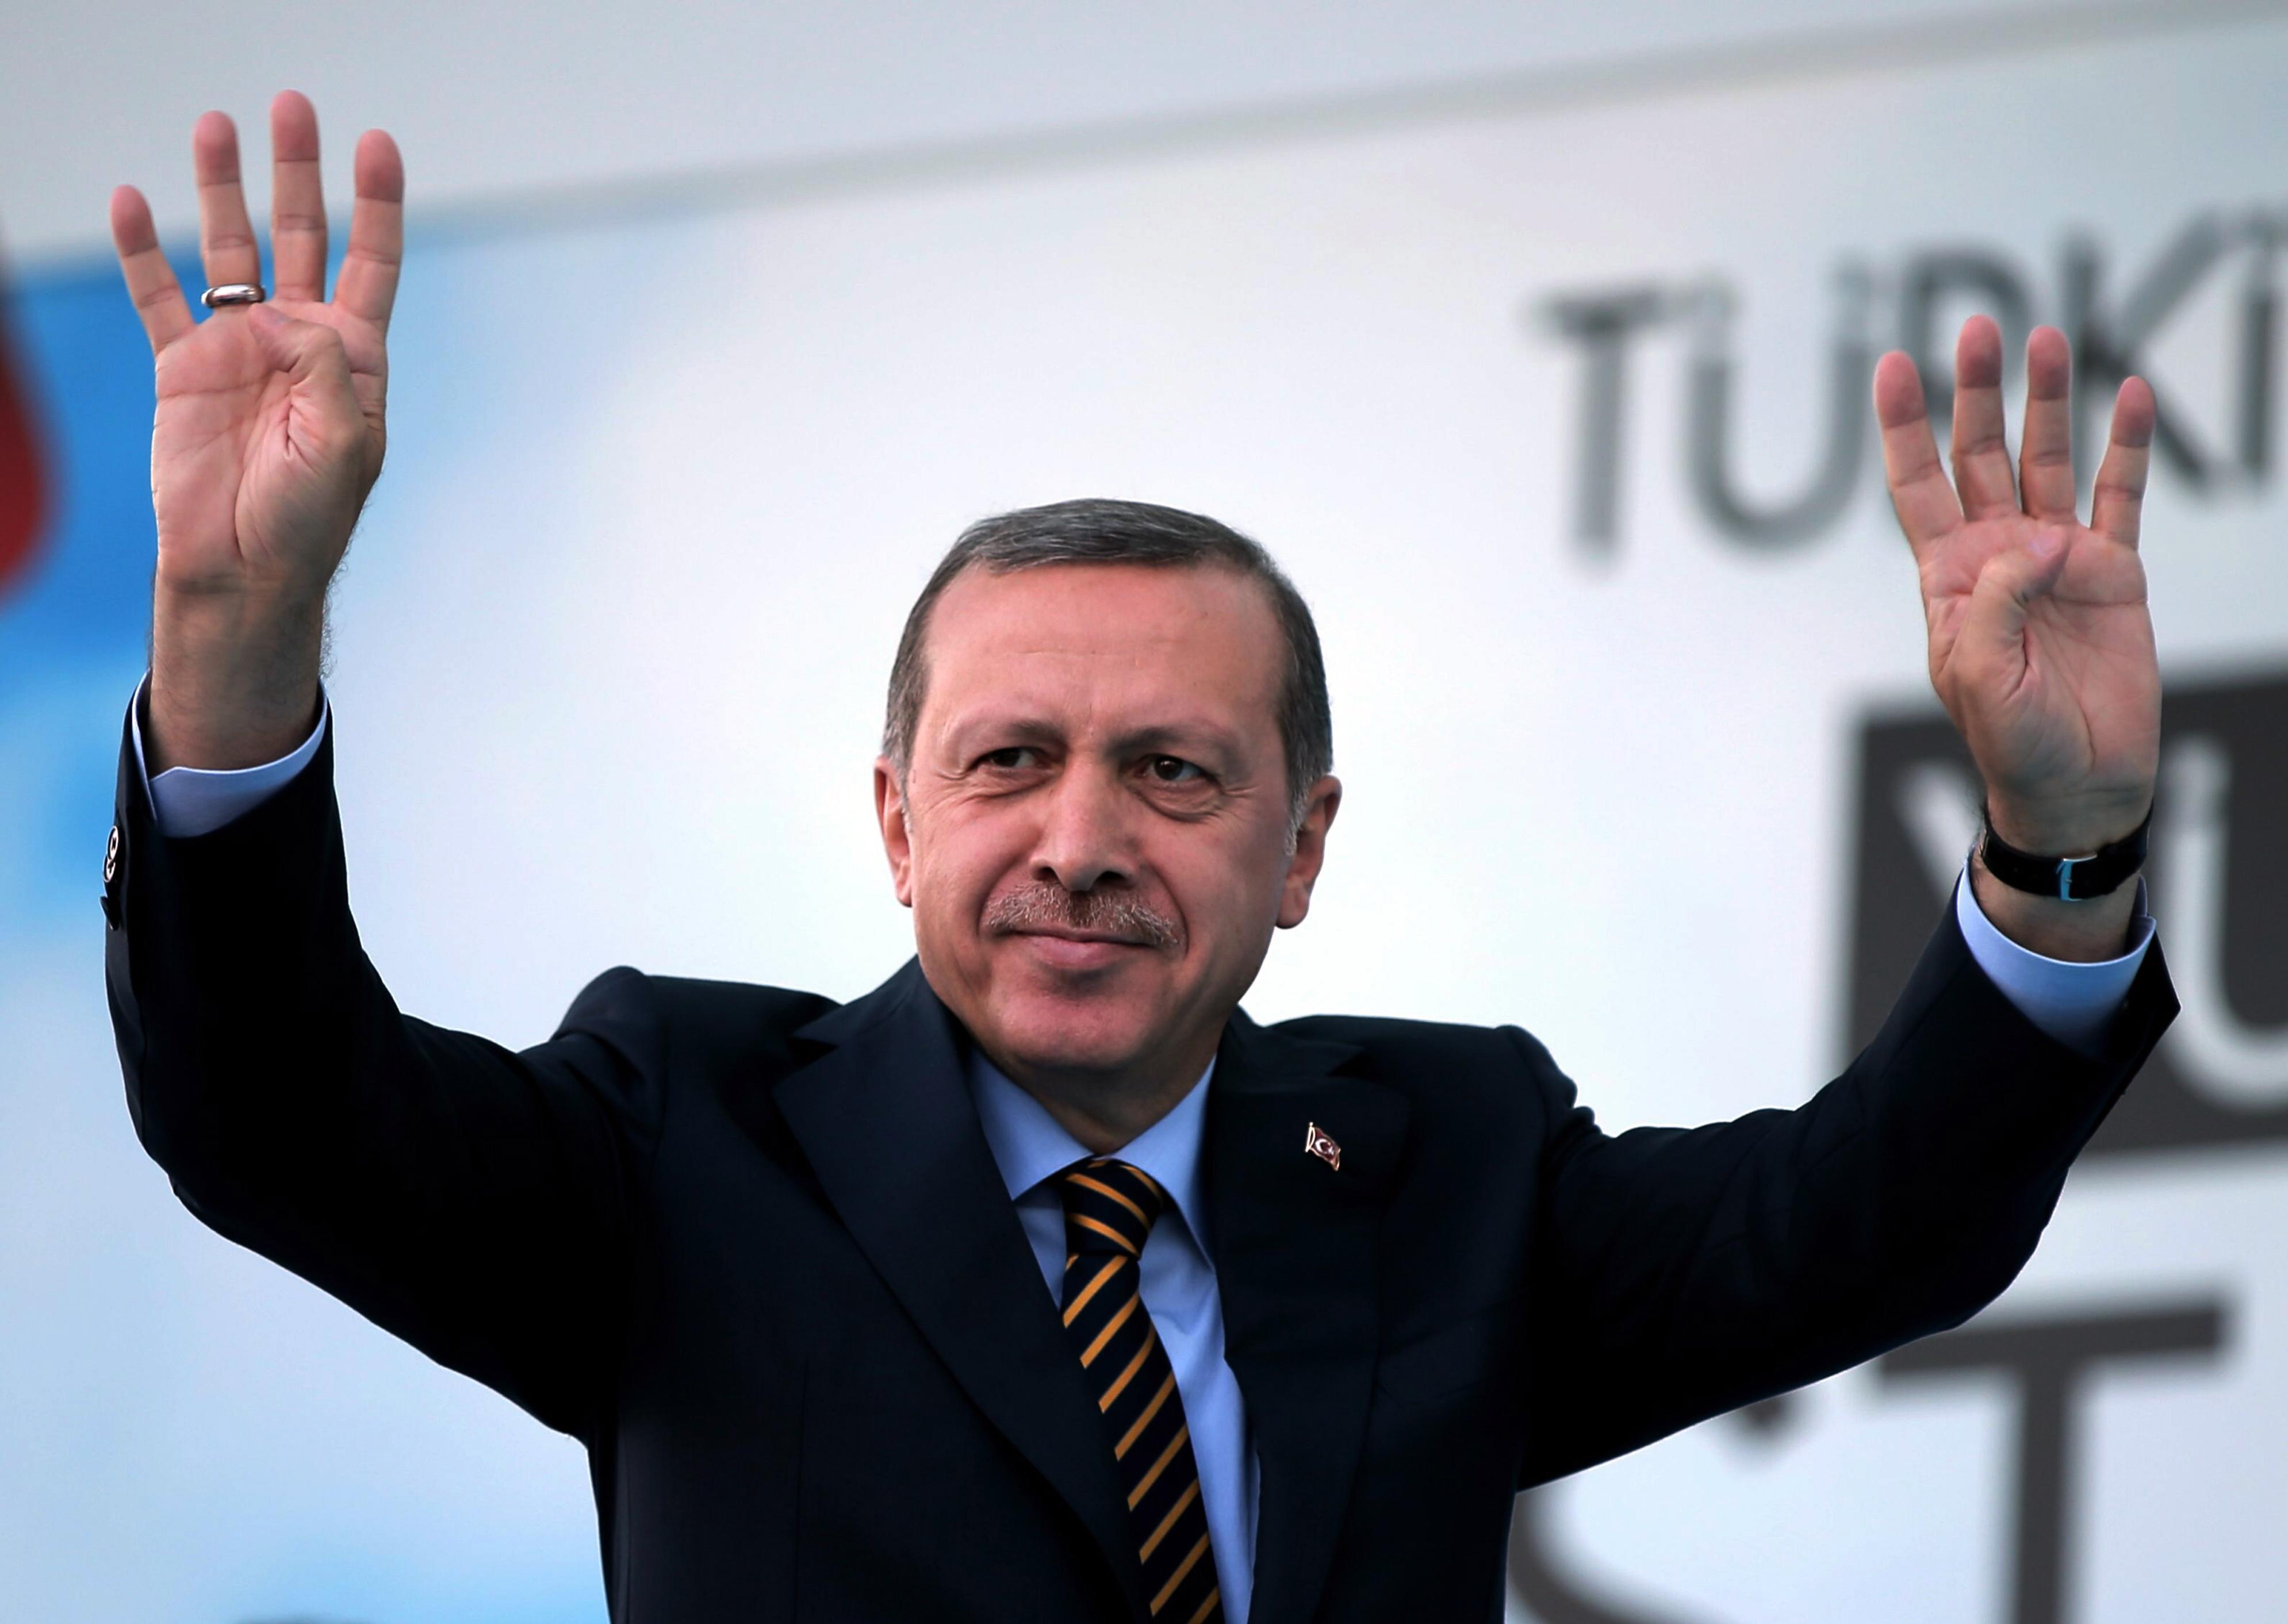 Эрдоган выступил на ифтаре с политической проповедью (ВИДЕО)